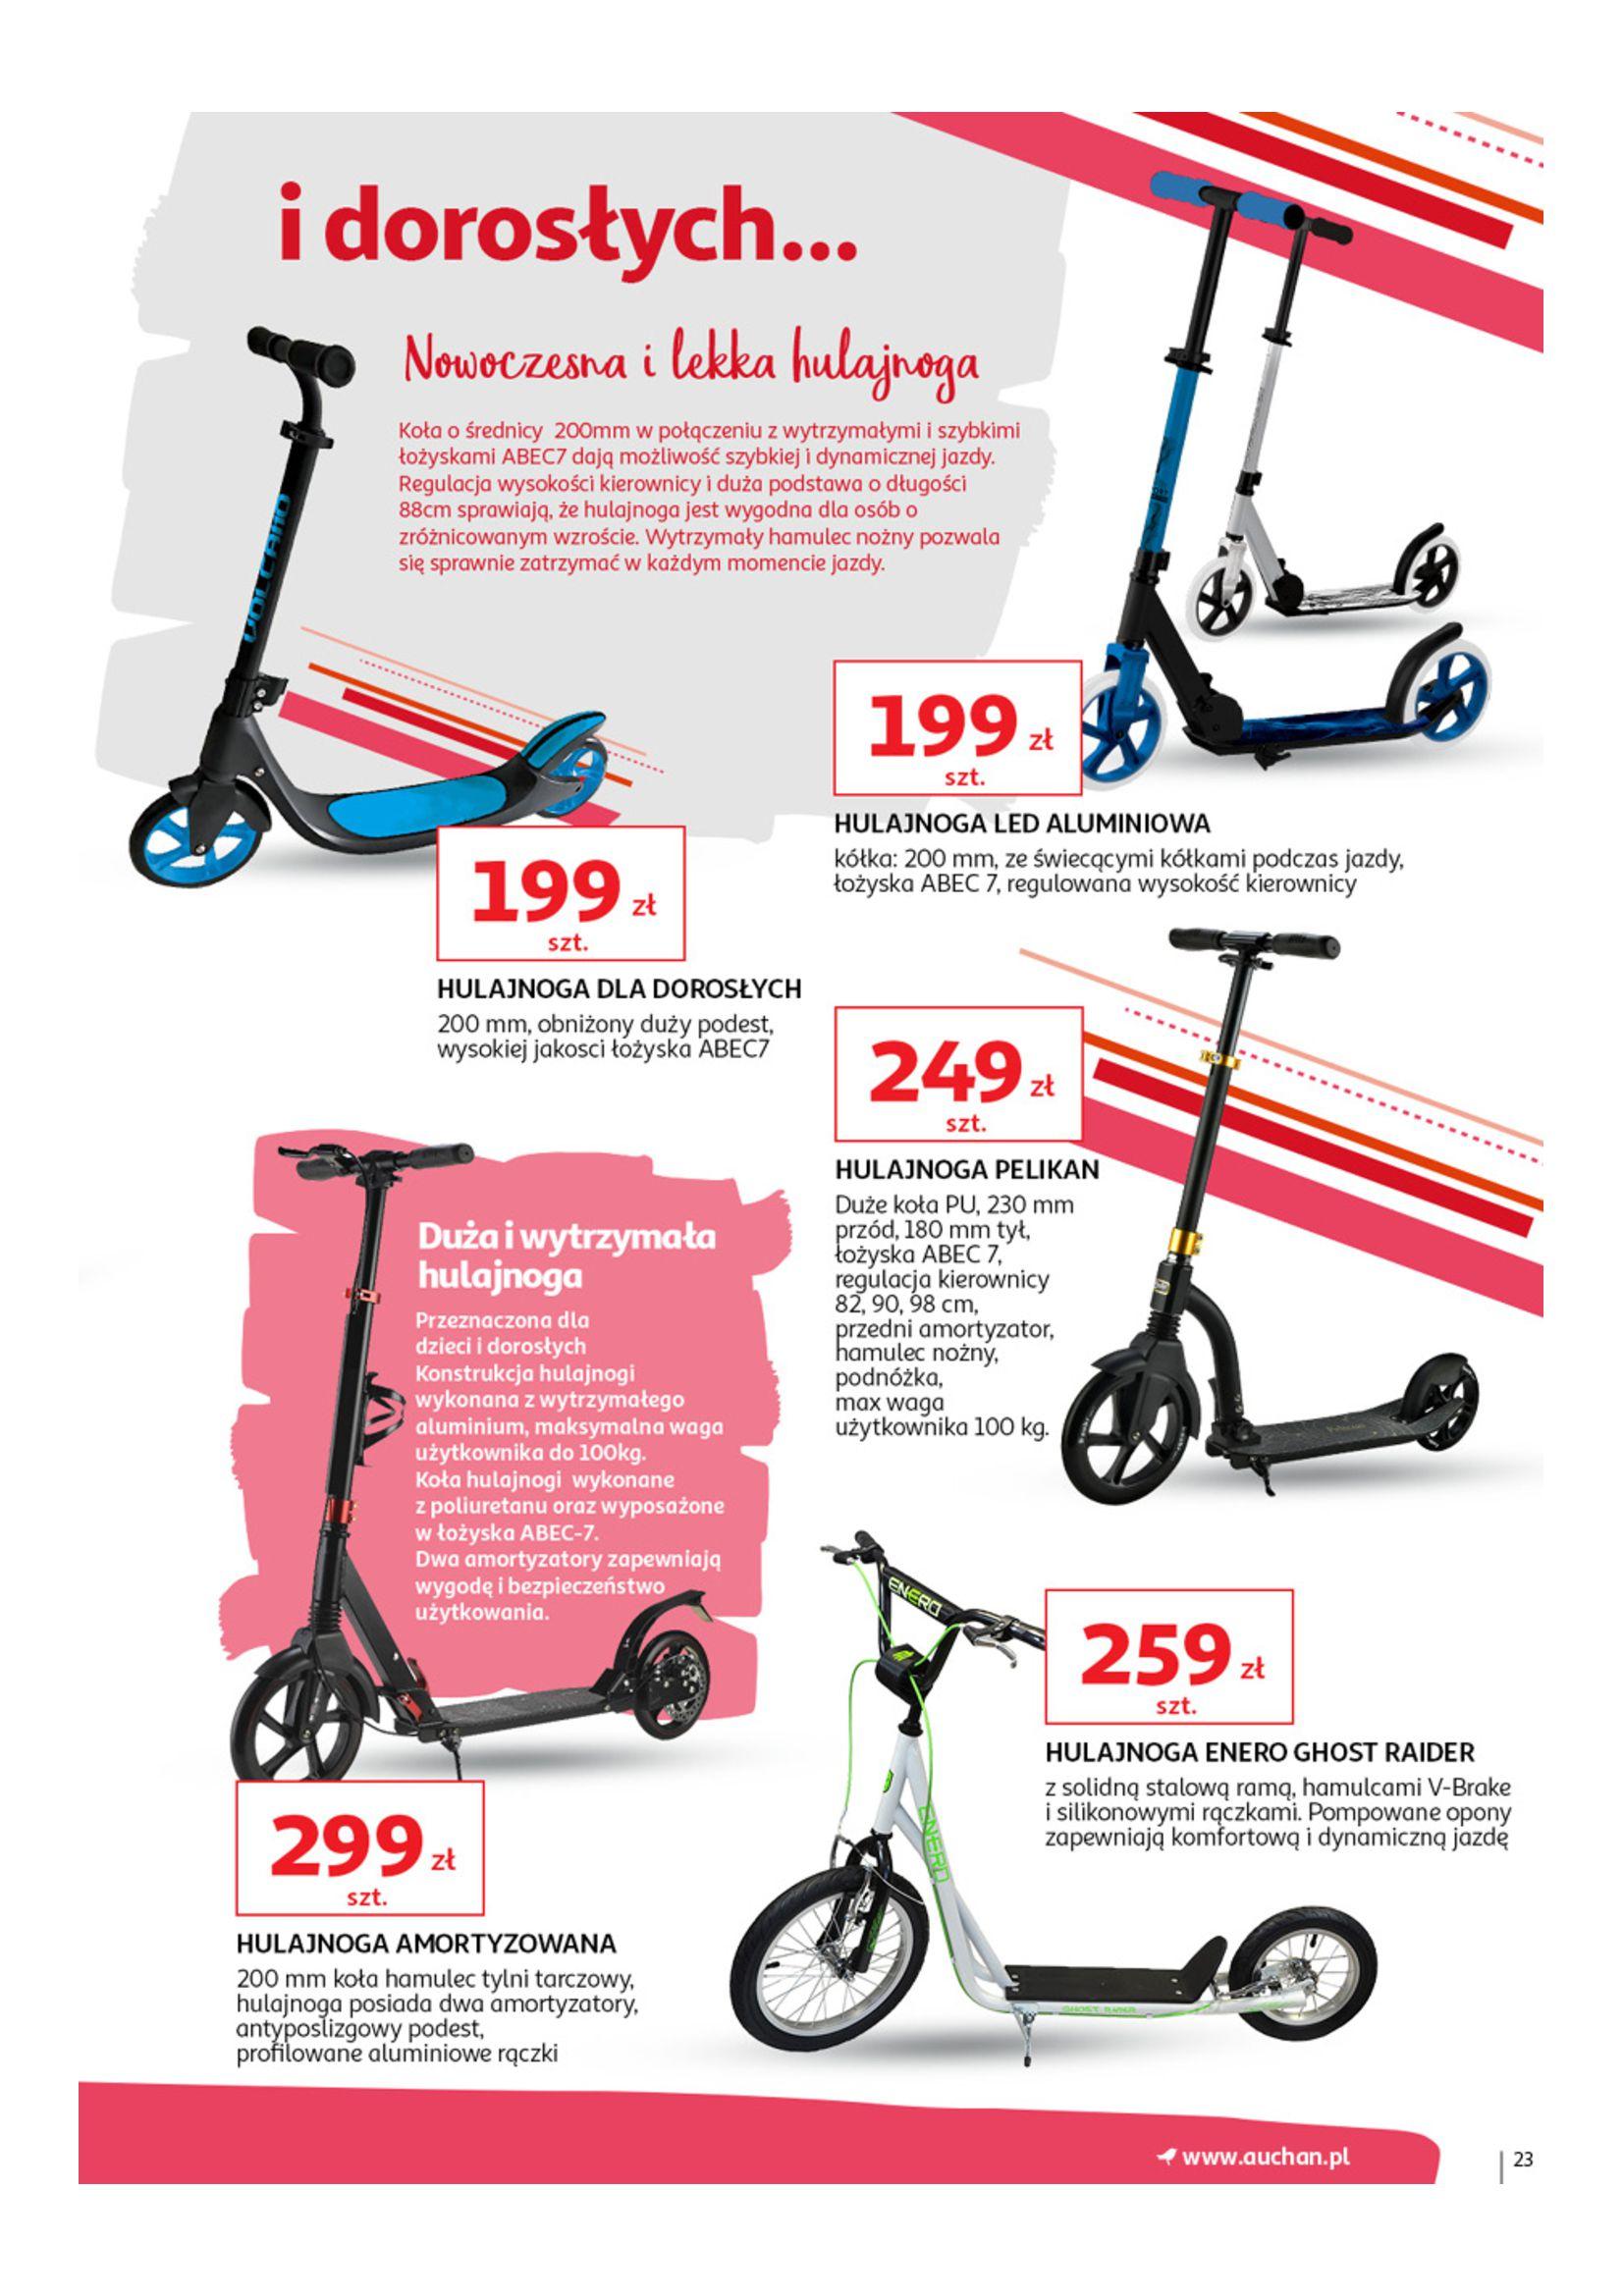 Gazetka Auchan - Wiosenne podróże Hipermarkety-14.05.2019-05.06.2019-page-